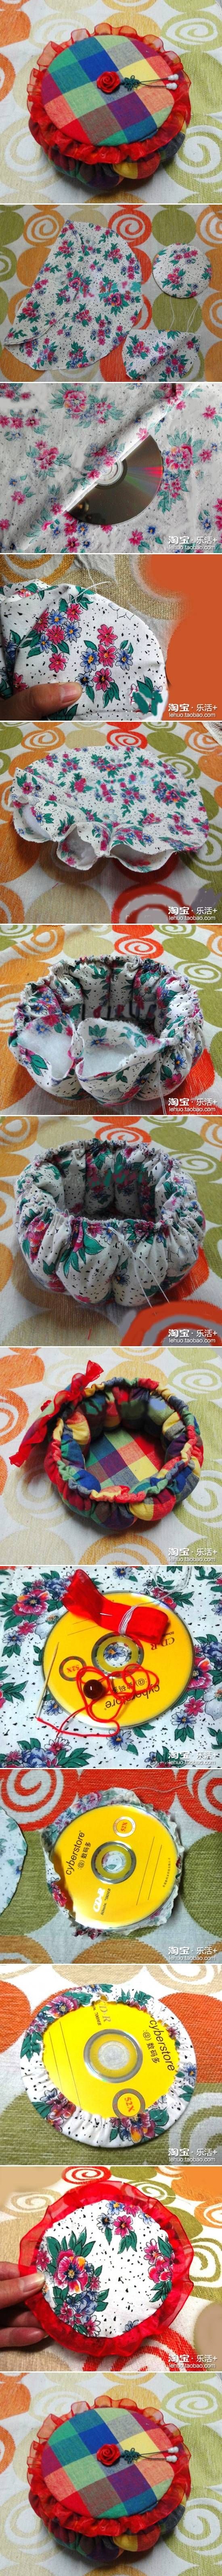 DIY Old CD Pumpkin Box.LINDA MANEIRA DE APROVEITAR,AQUELE CD VELHO,VIRÃO FICOU…